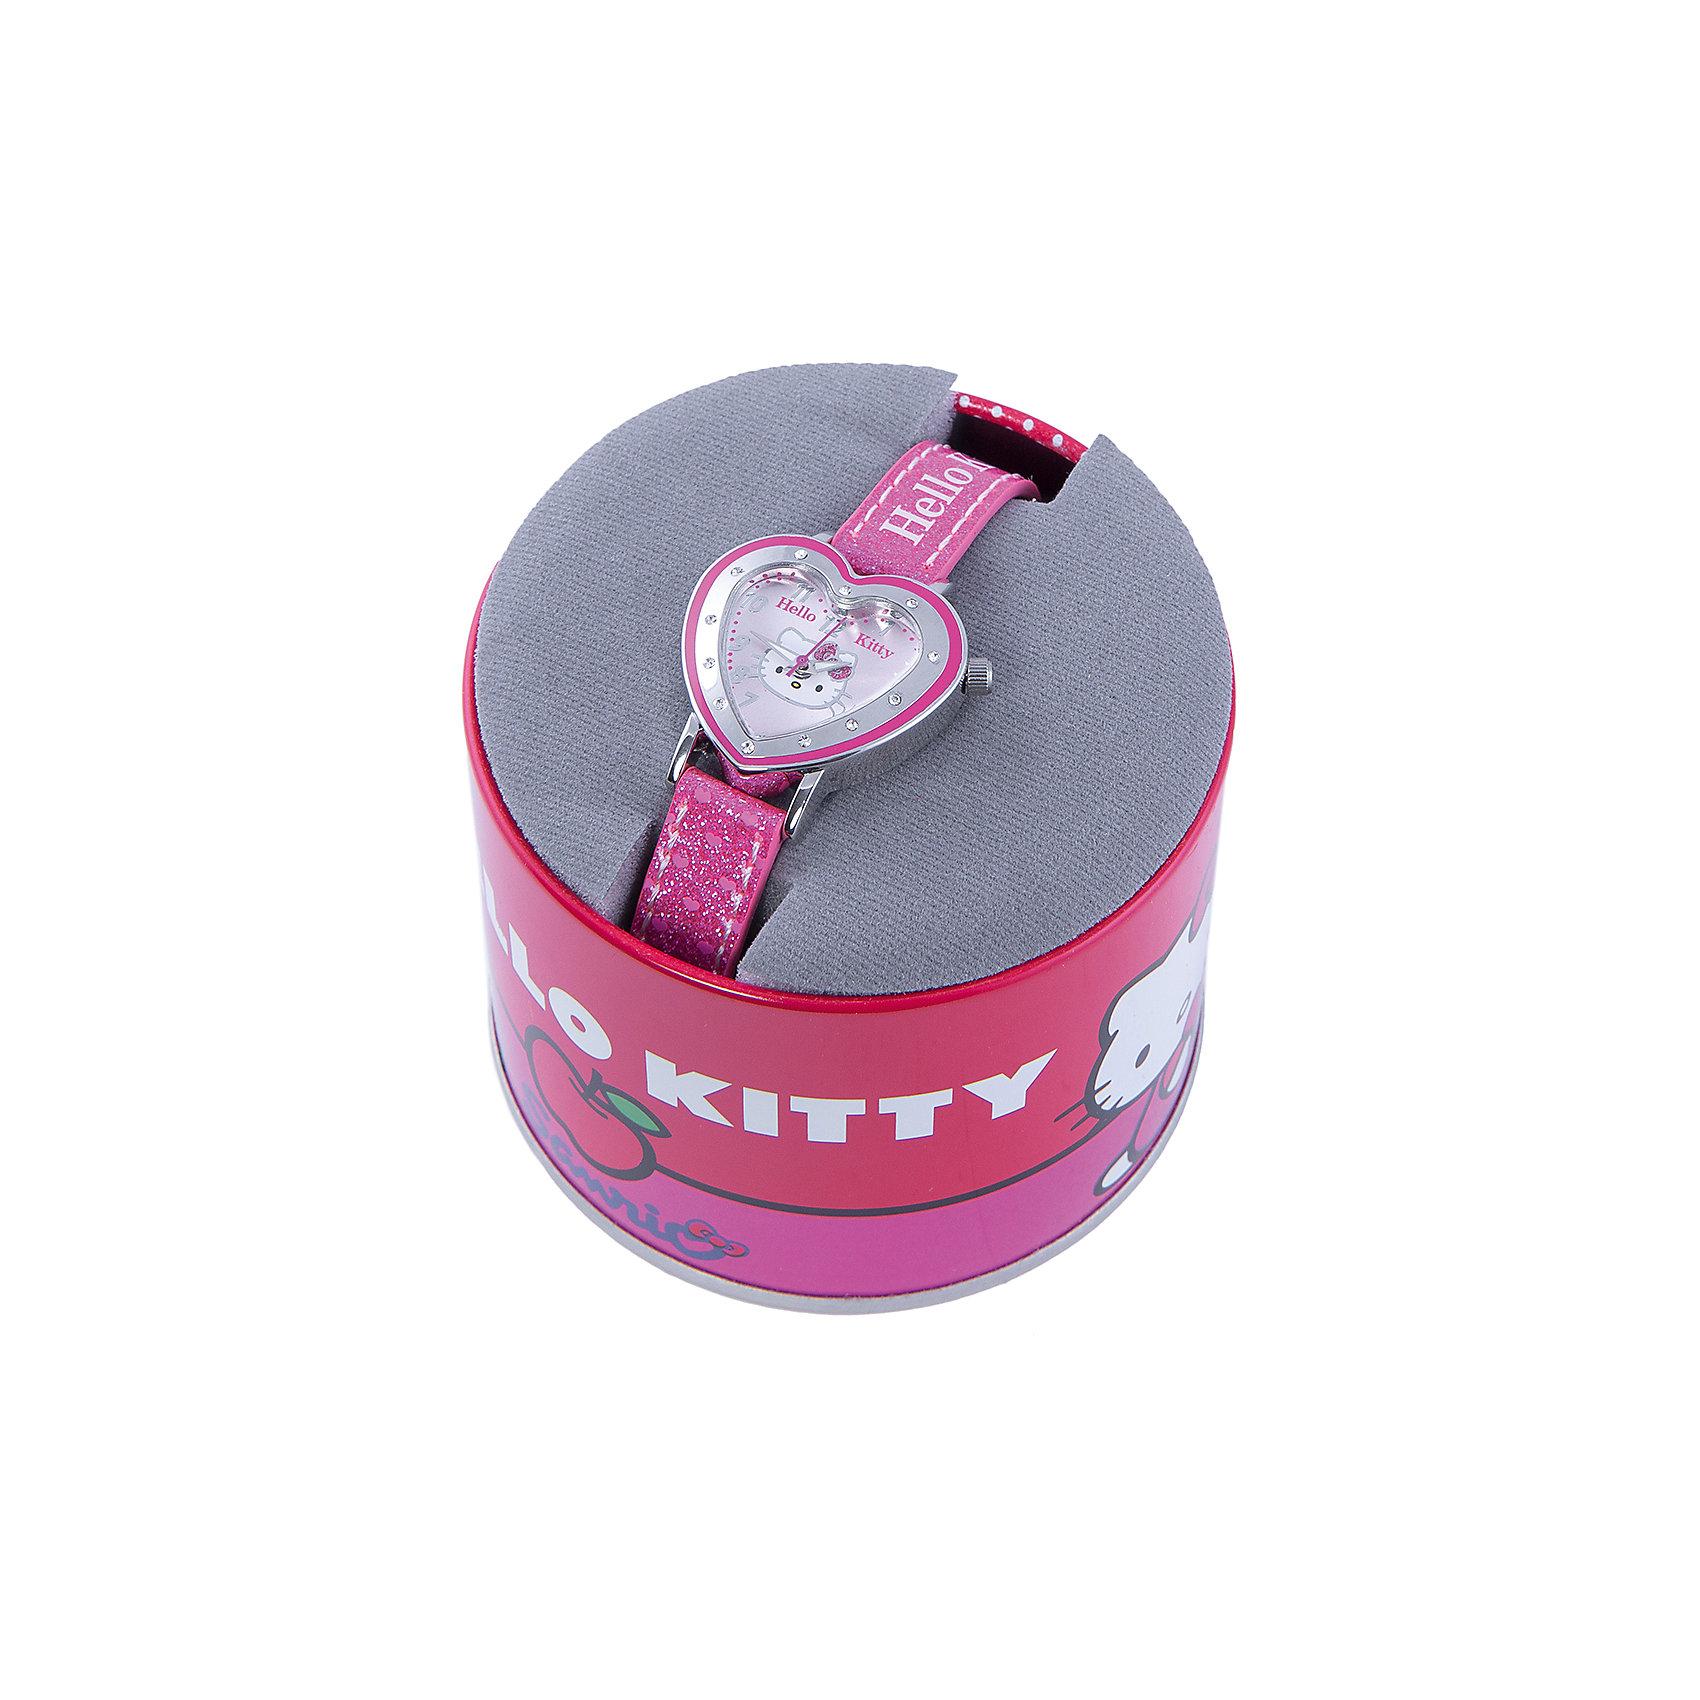 Часы наручные аналоговые, Hello KittyЭксклюзивные наручные аналоговые часы торговой марки Hello Kitty выполнены по индивидуальному дизайну ООО «Детское Время» и лицензии компании Sanrio. Обилие деталей - декоративных элементов (страз, мерцающих ремешков), надписей,  уникальных изображений - делают изделие тщательно продуманным творением мастеров. Часы имеют высококачественный японский кварцевый механизм и отличаются надежностью и точностью хода. Часы водоустойчивы и обладают достаточной герметичностью, чтобы спокойно перенести случайный и незначительный контакт с жидкостями (дождь, брызги), но они не предназначены для плавания или погружения в воду. Циферблат защищен от повреждений прочным минеральным стеклом. Корпус часов выполнен из стали,  задняя крышка из нержавеющей стали. Материал браслета: искусственная кожа. Единица товара упаковывается в стильную подарочную коробочку. Неповторимый стиль с изобилием насыщенных и в тоже время нежных гамм; надежность и прочность изделия позволяют говорить о нем только в превосходной степени!<br><br>Ширина мм: 170<br>Глубина мм: 157<br>Высота мм: 67<br>Вес г: 117<br>Возраст от месяцев: 36<br>Возраст до месяцев: 2147483647<br>Пол: Женский<br>Возраст: Детский<br>SKU: 4424068